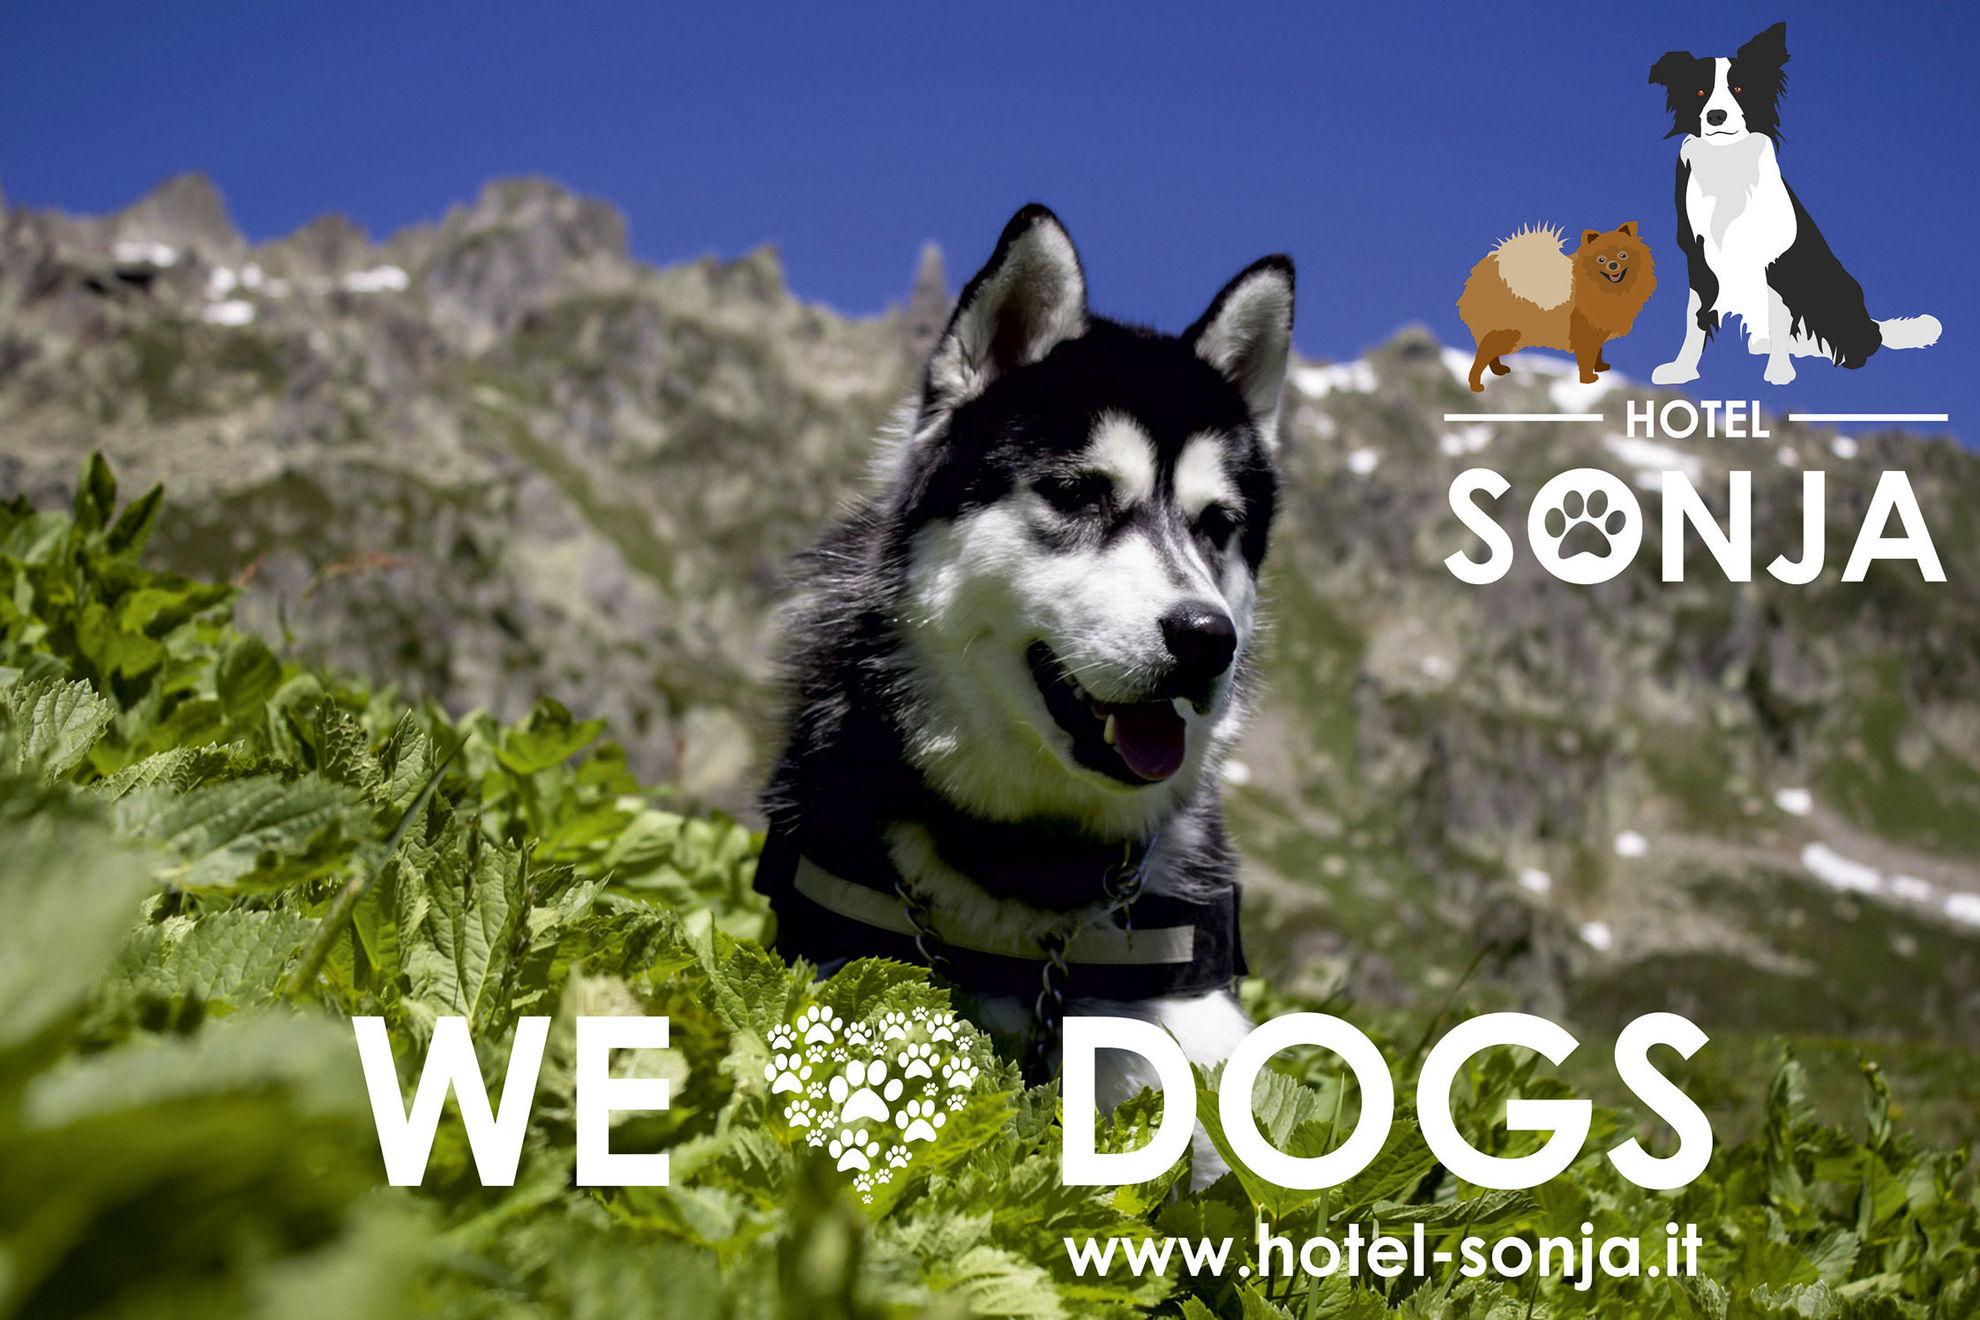 Dog friendly accommodation - Hotel Sonja im Ahrntal Südtirol